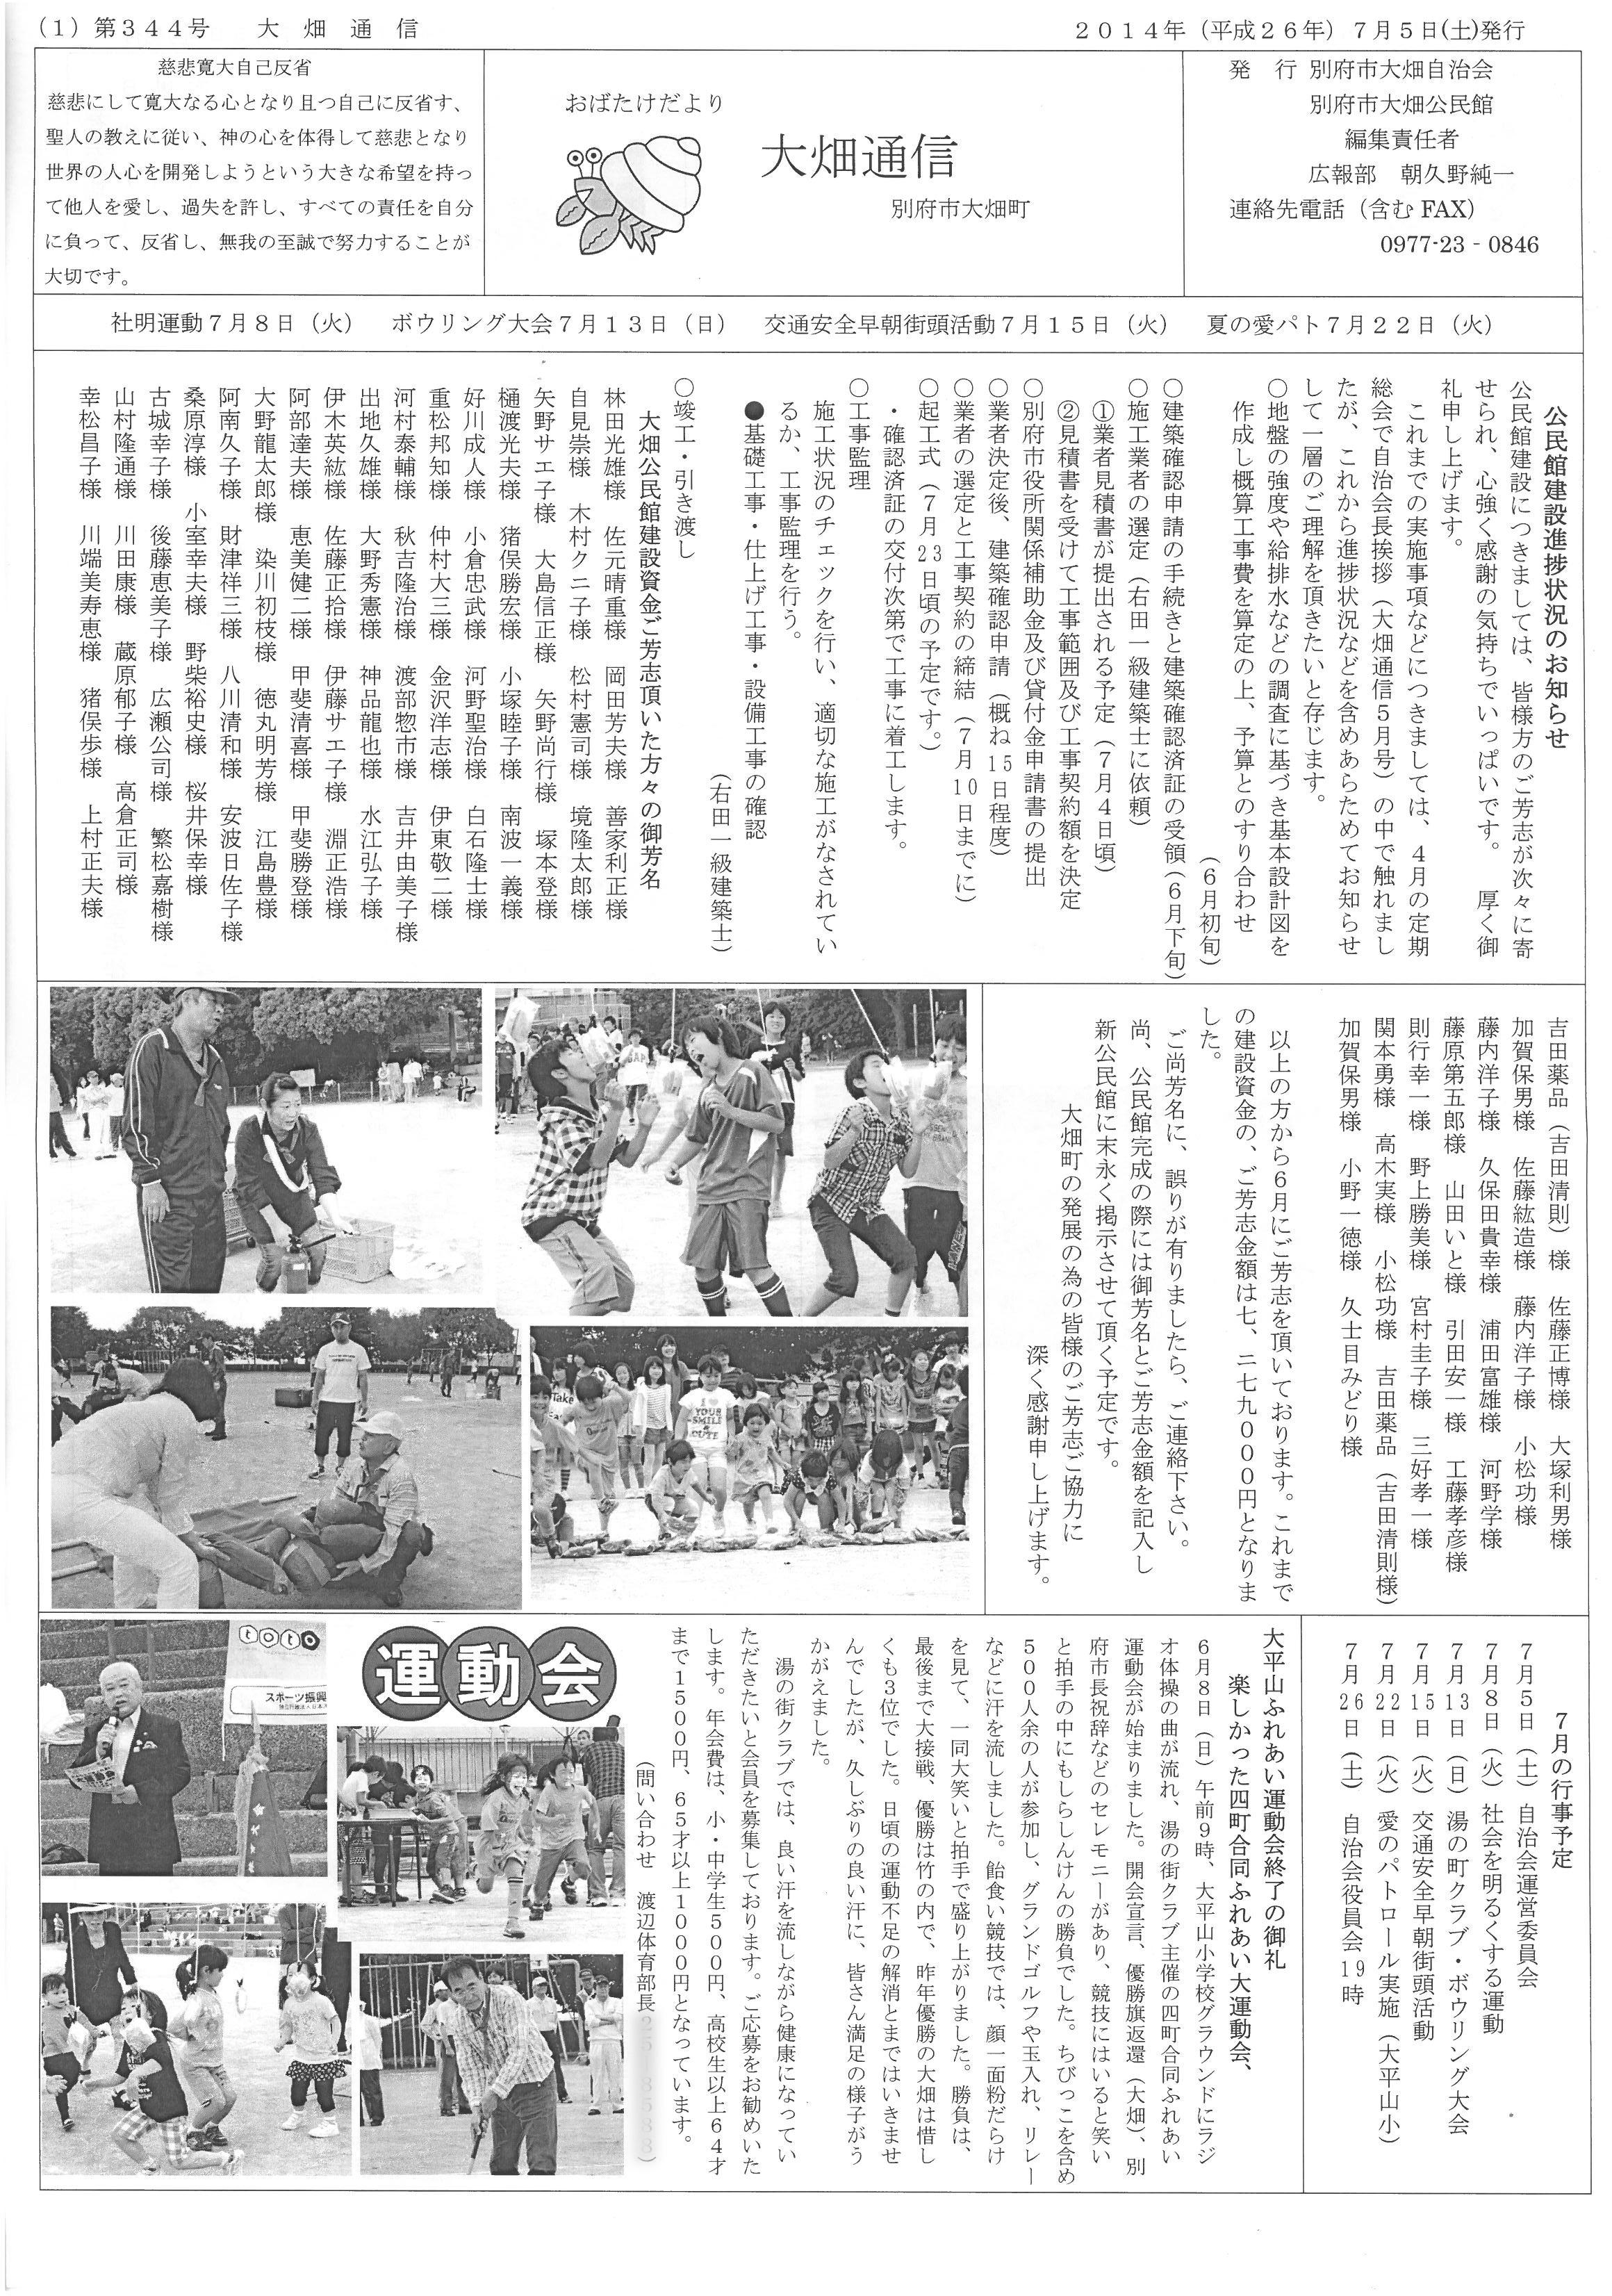 obatake2014_07_01